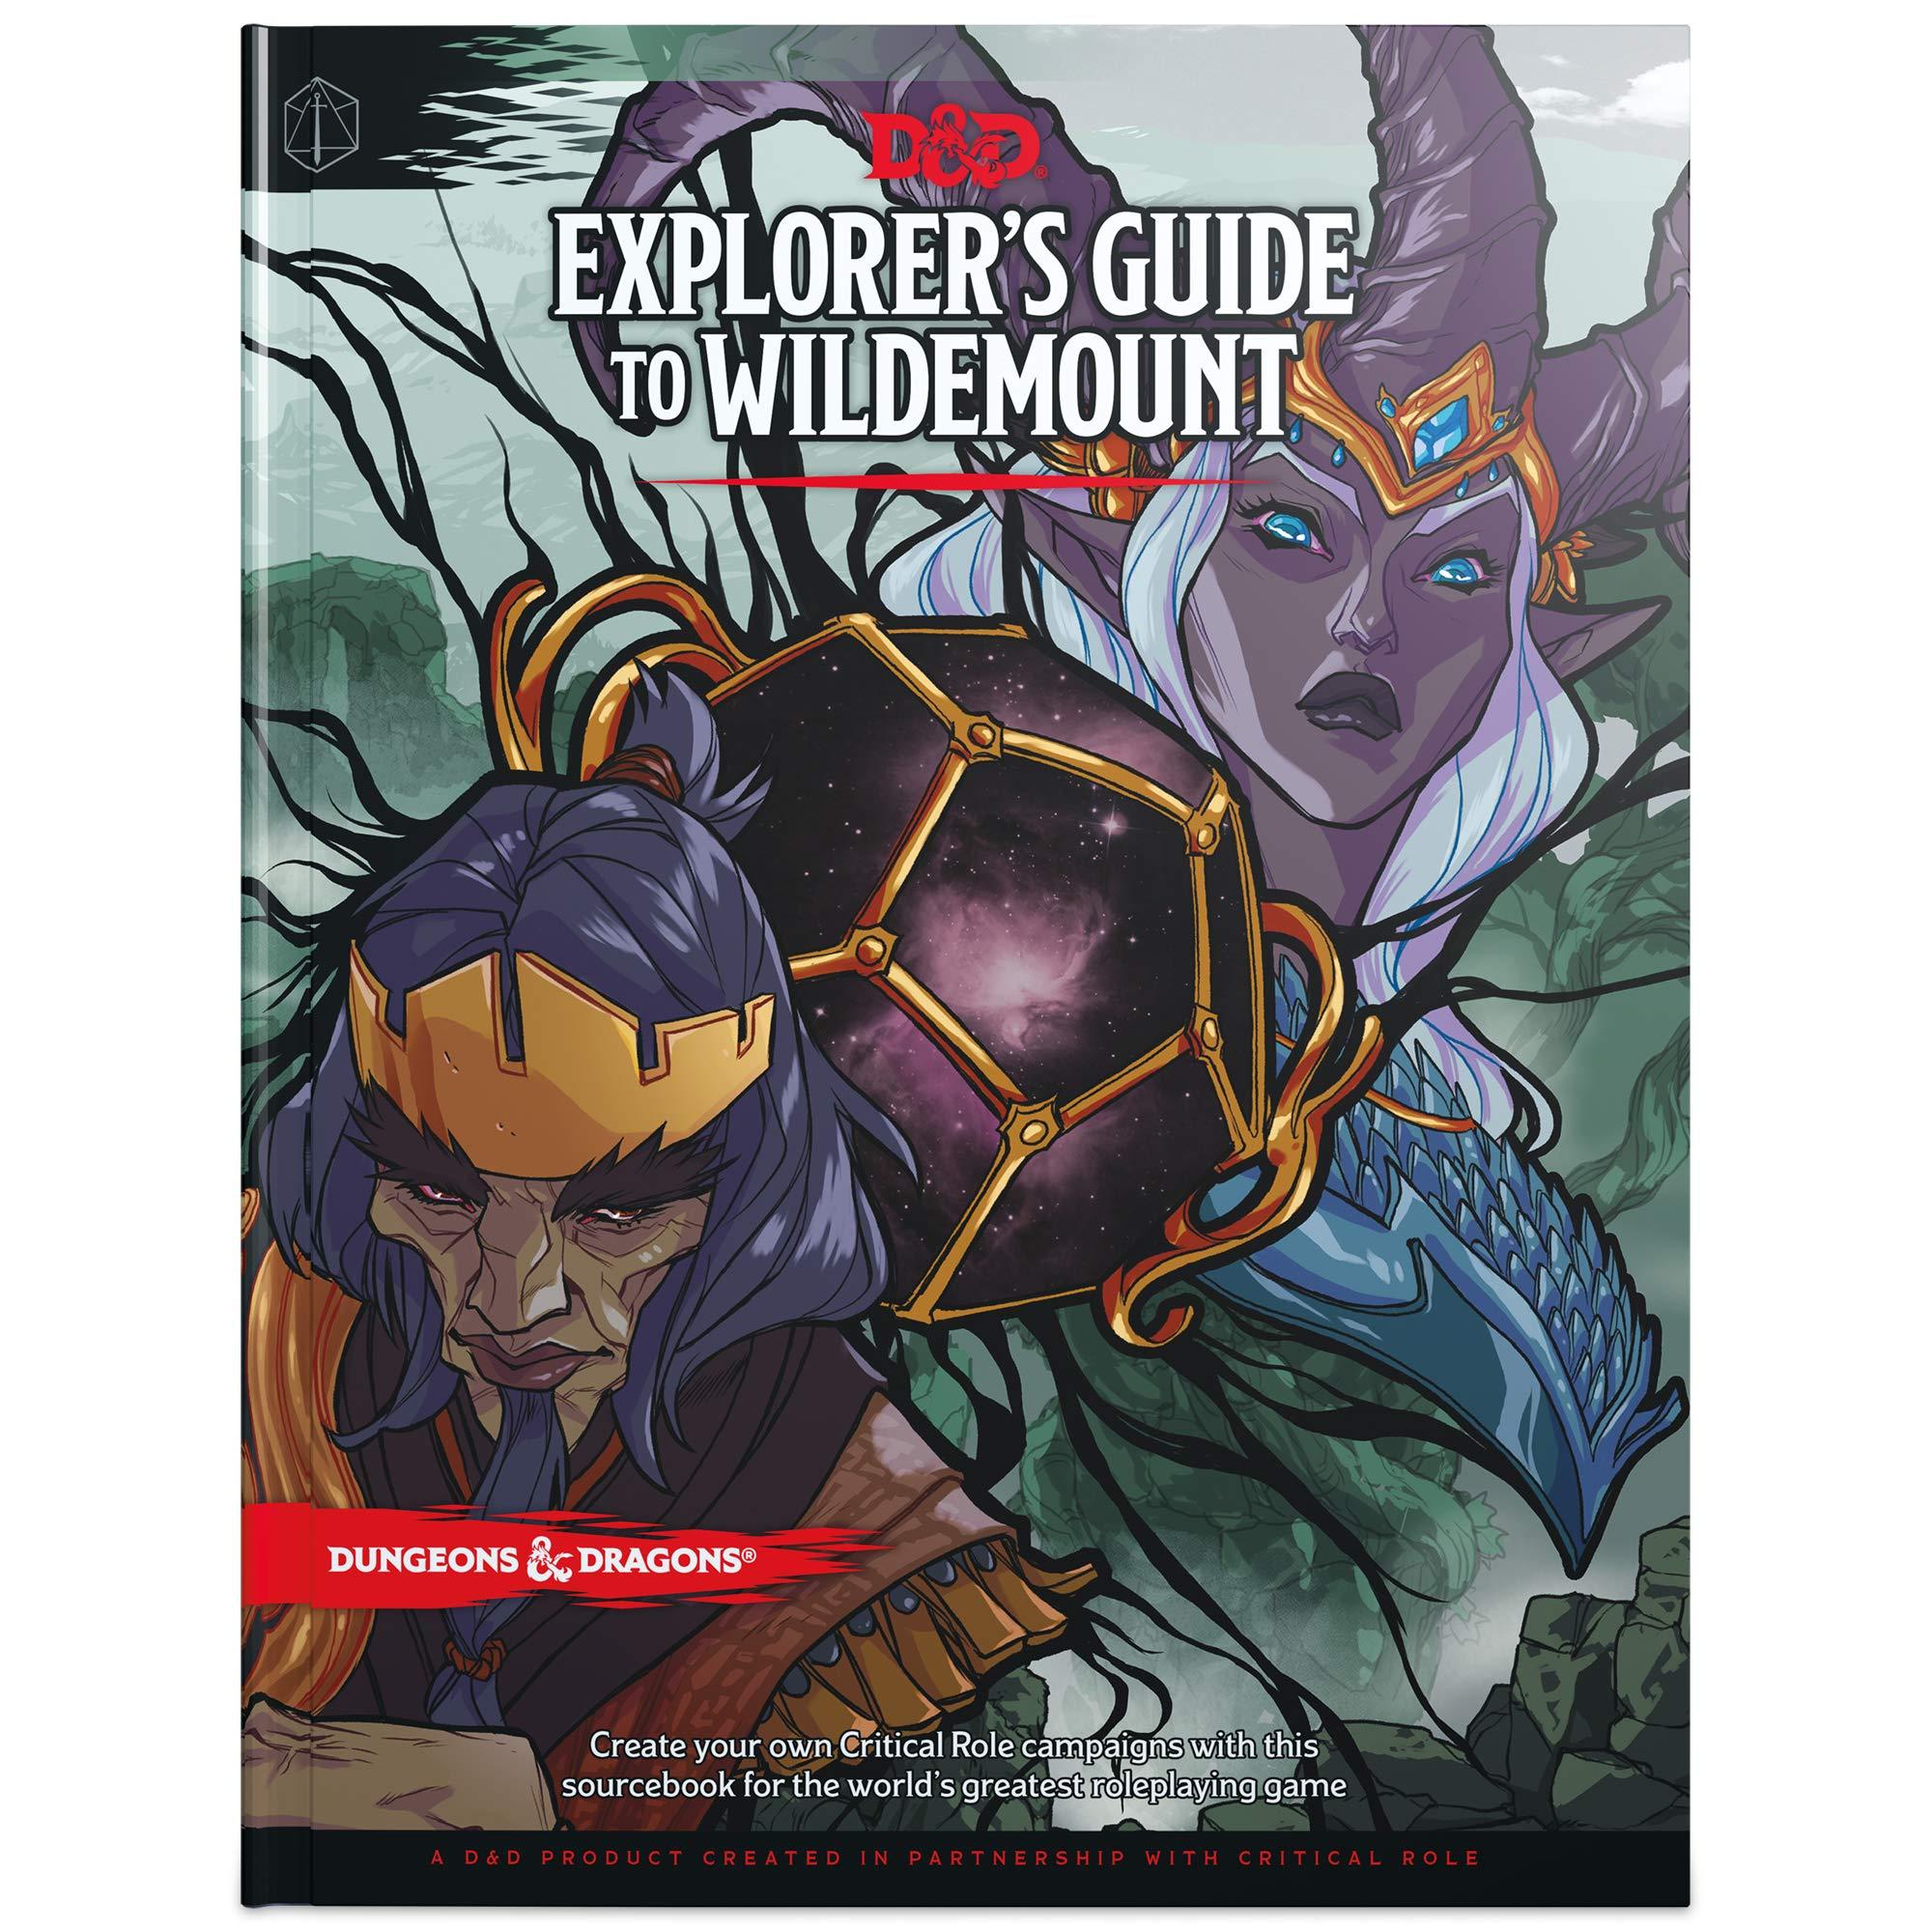 D&D NEXT EXPLORER'S GUIDE TO WILDEMOUNT